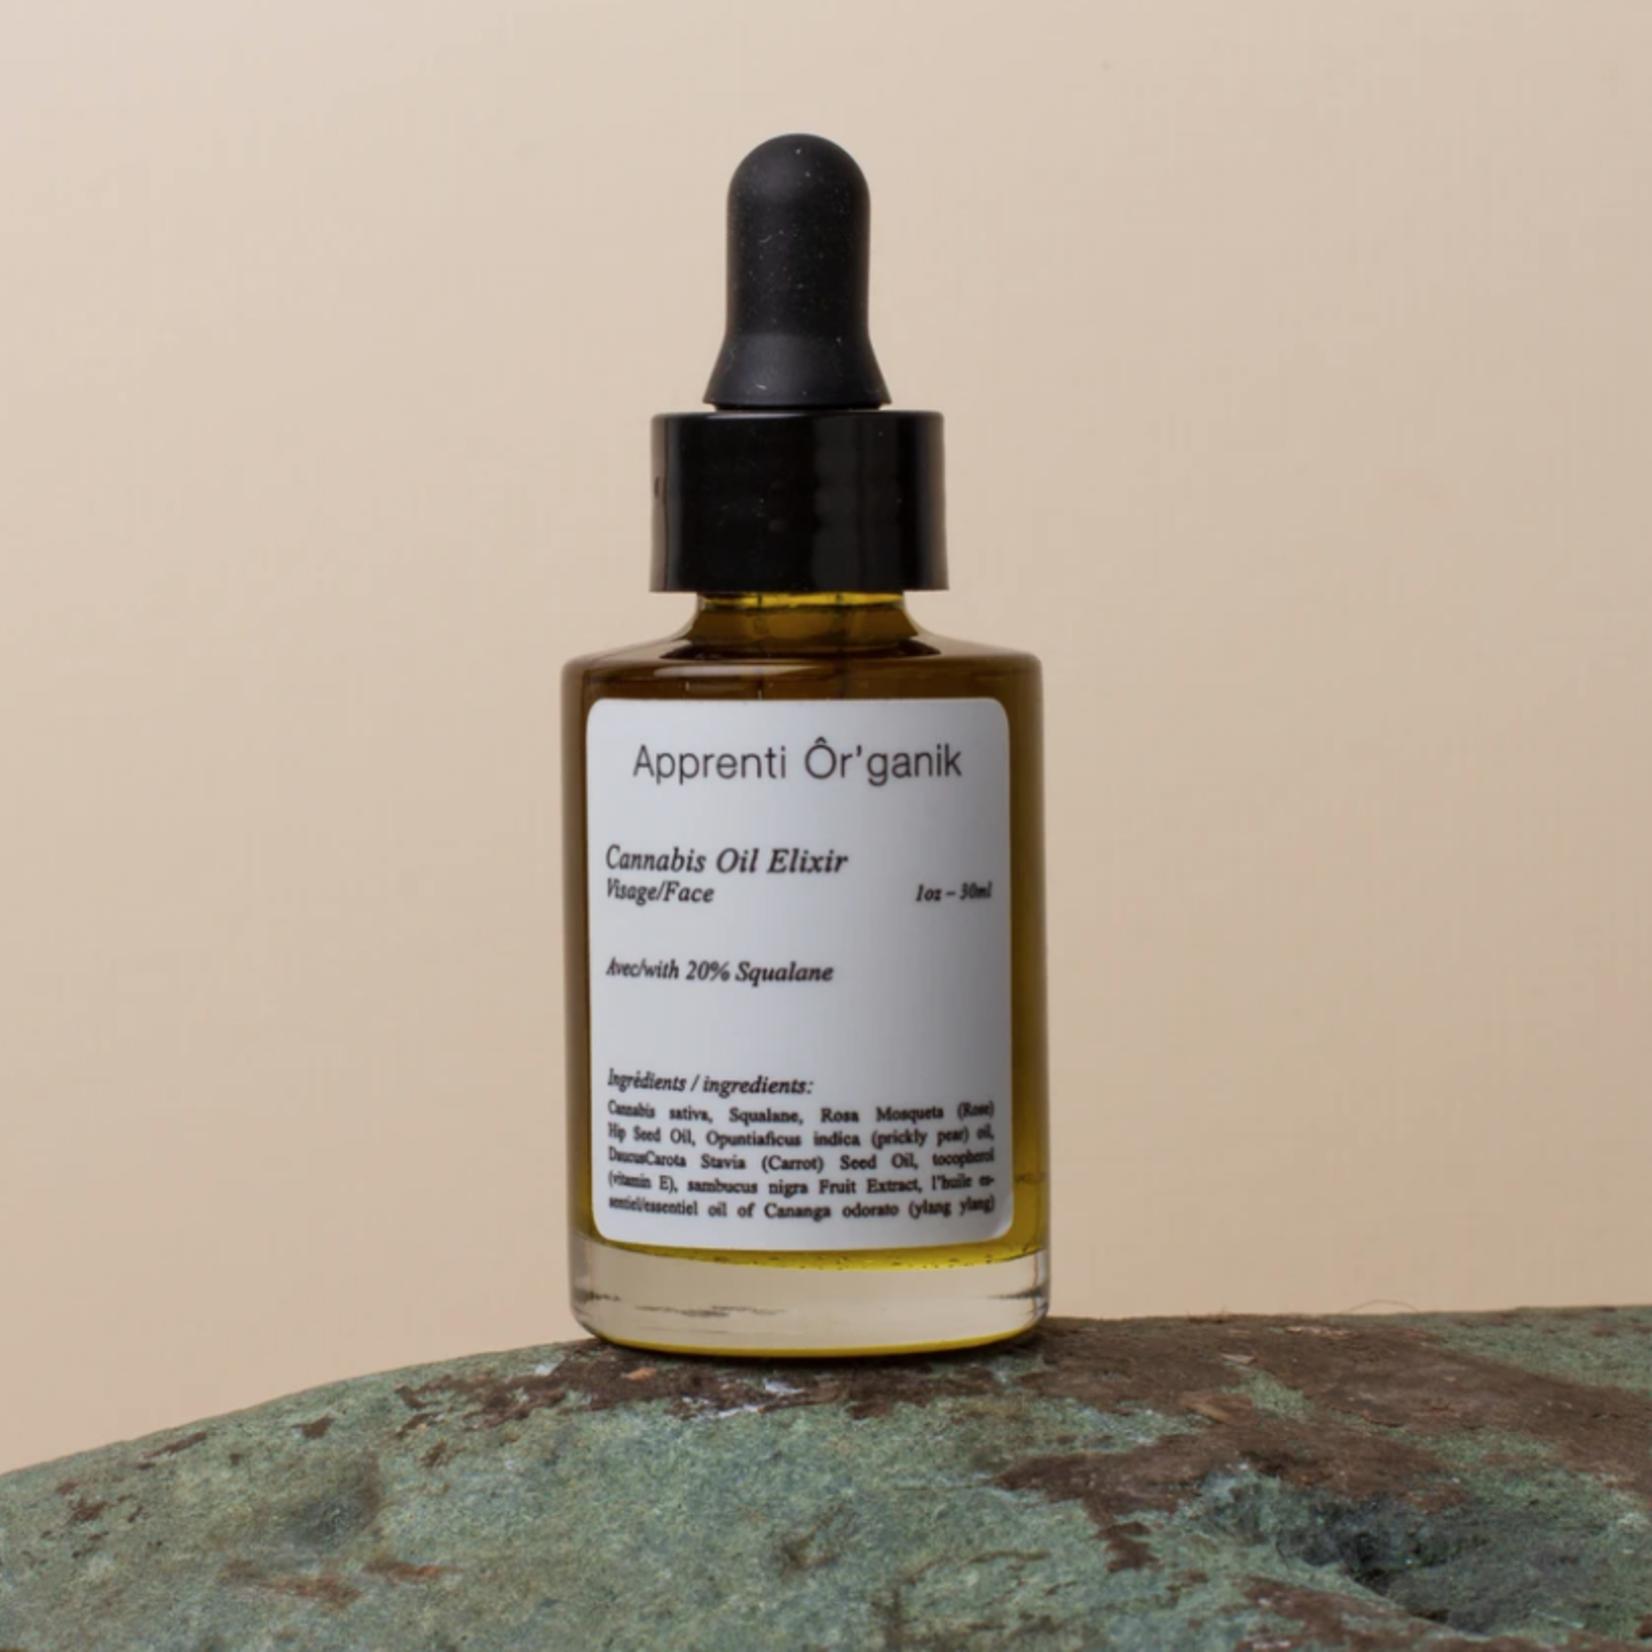 Apprenti Or'ganik ELIXIR. Facial oil/Serum Facial